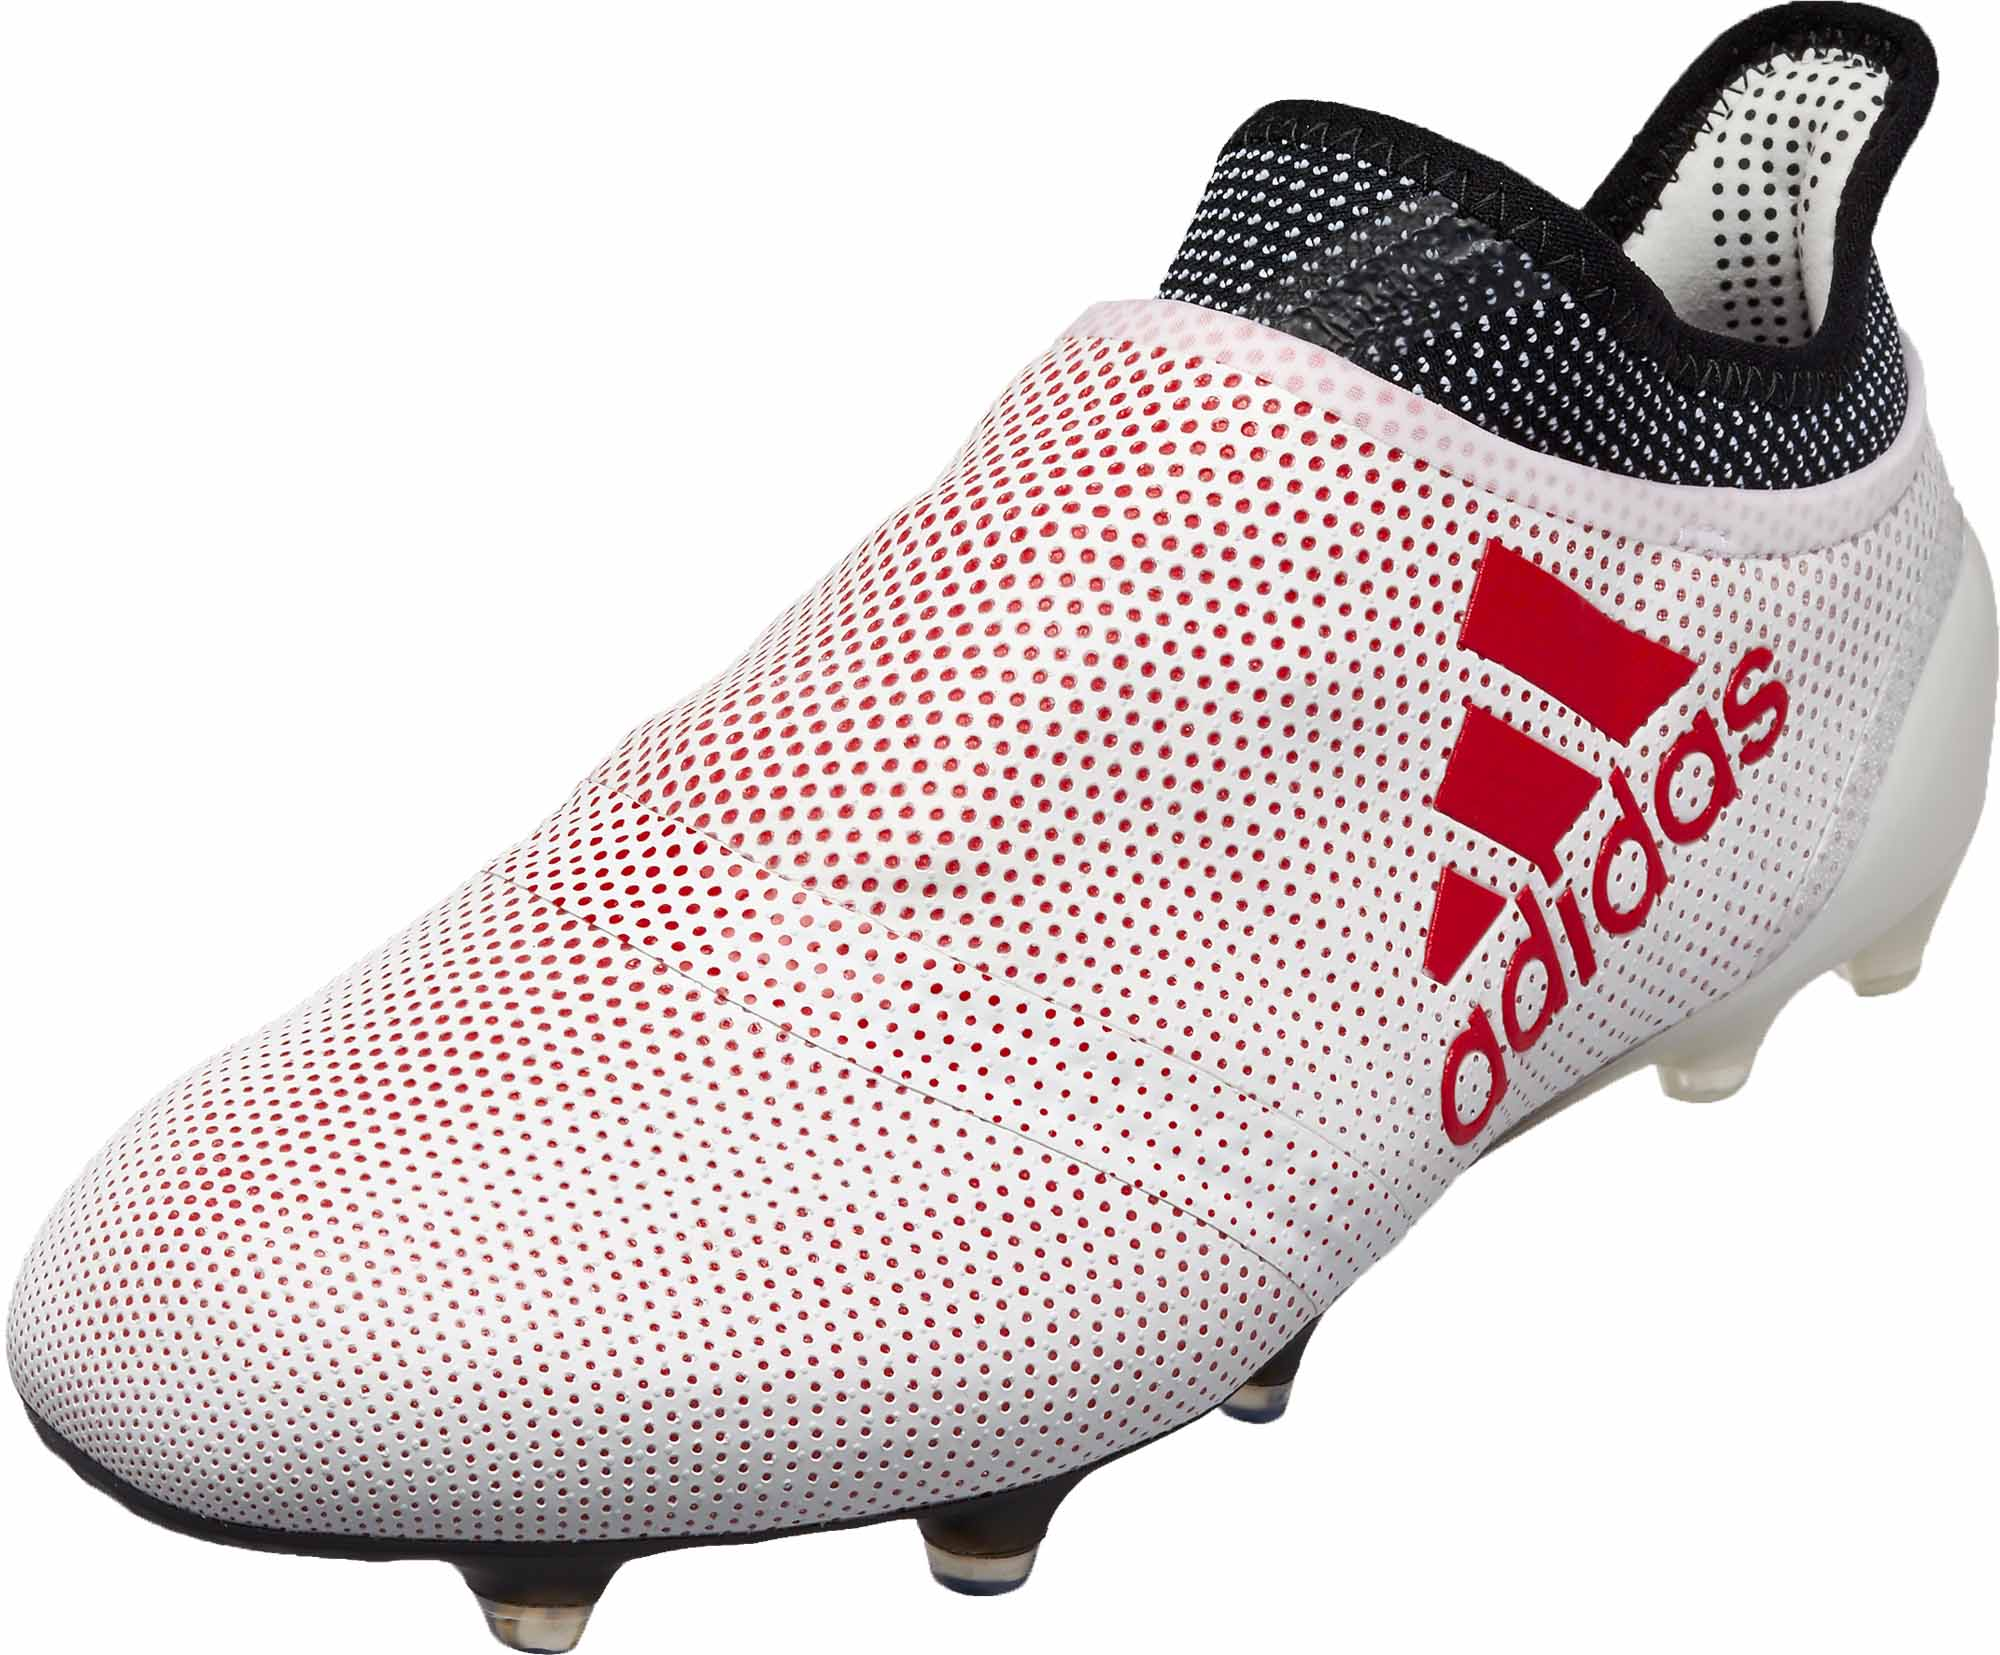 adidas X 17+ Purechaos FG - Grey   Real Coral - Soccer Master 316183c6ba0ce